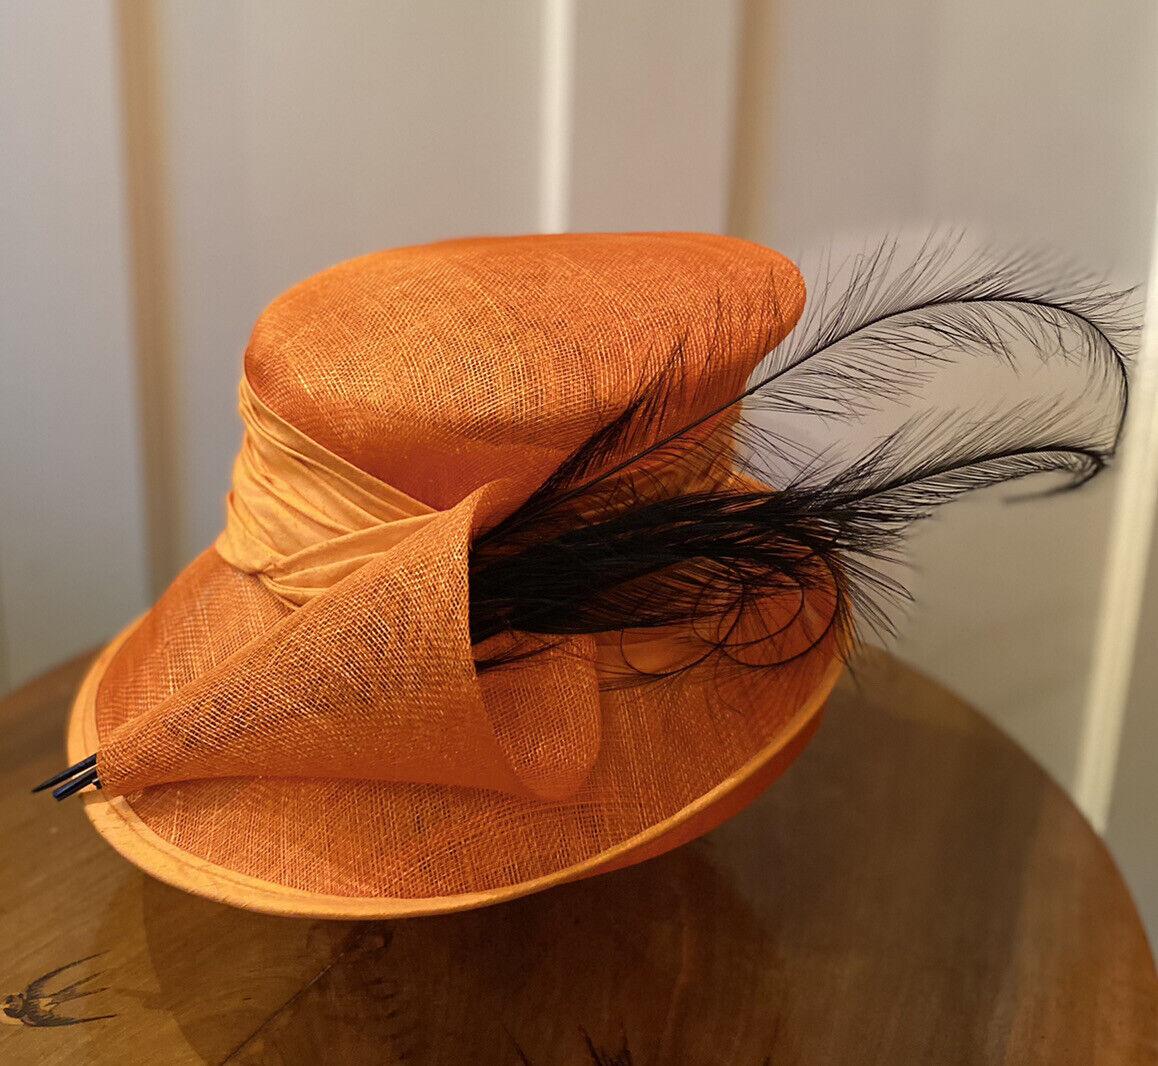 Peter Bettley London Women's Wedding/Formal Orange Hat Black Sweeping Feathers